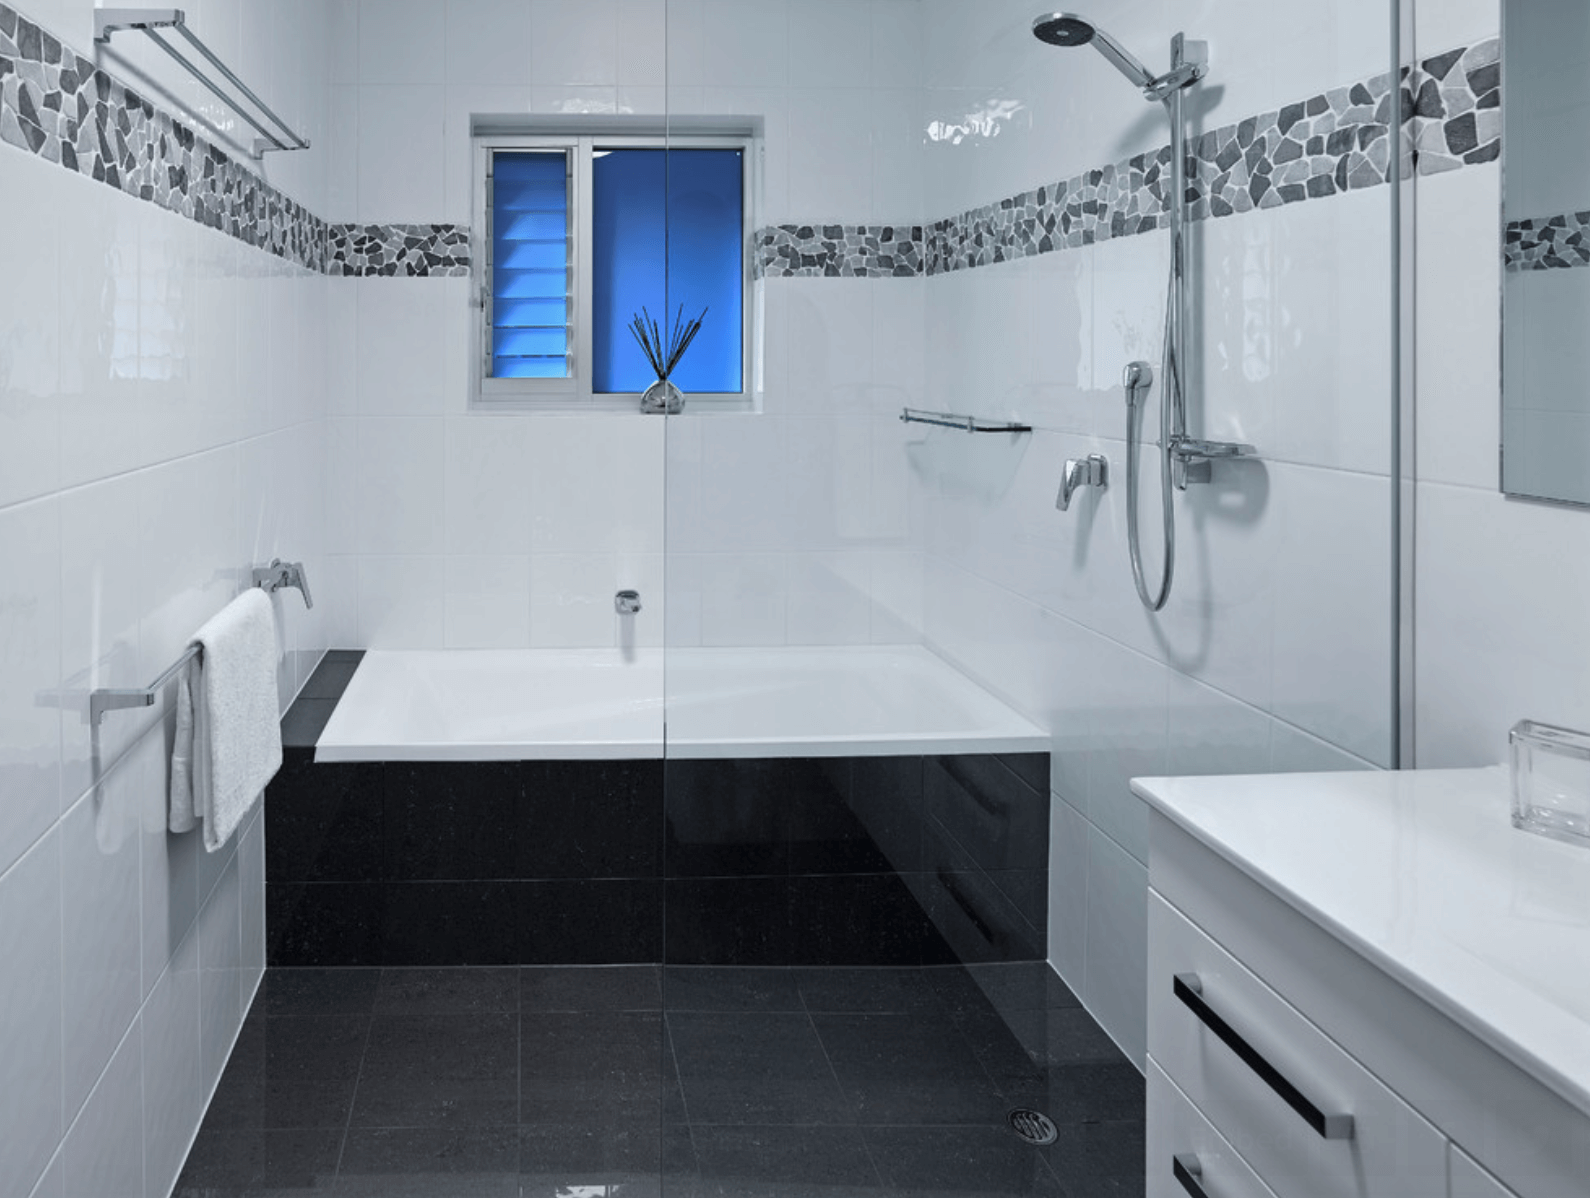 Banheiros Pequenos Fotos e Dicas Imperdíveis Arquidicas #0068CC 1590x1198 Banheiro Branco Preto E Cinza